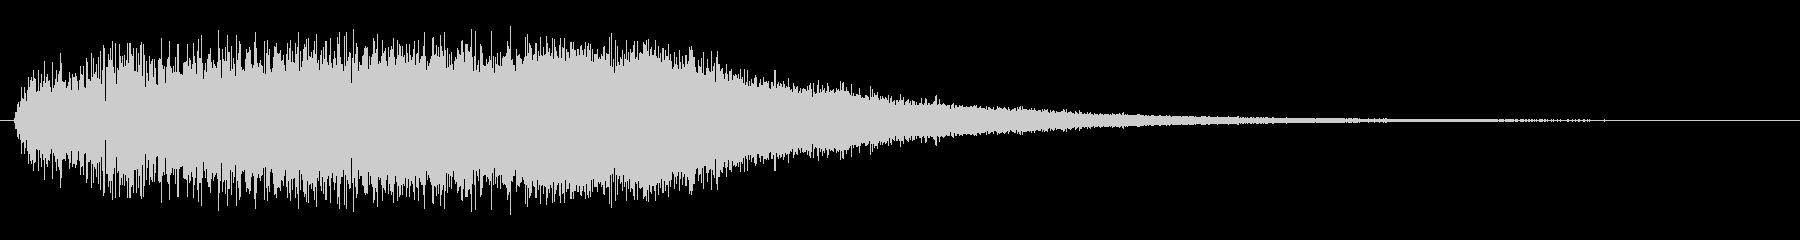 ジャラララー(壮大な登場・発動効果音)の未再生の波形